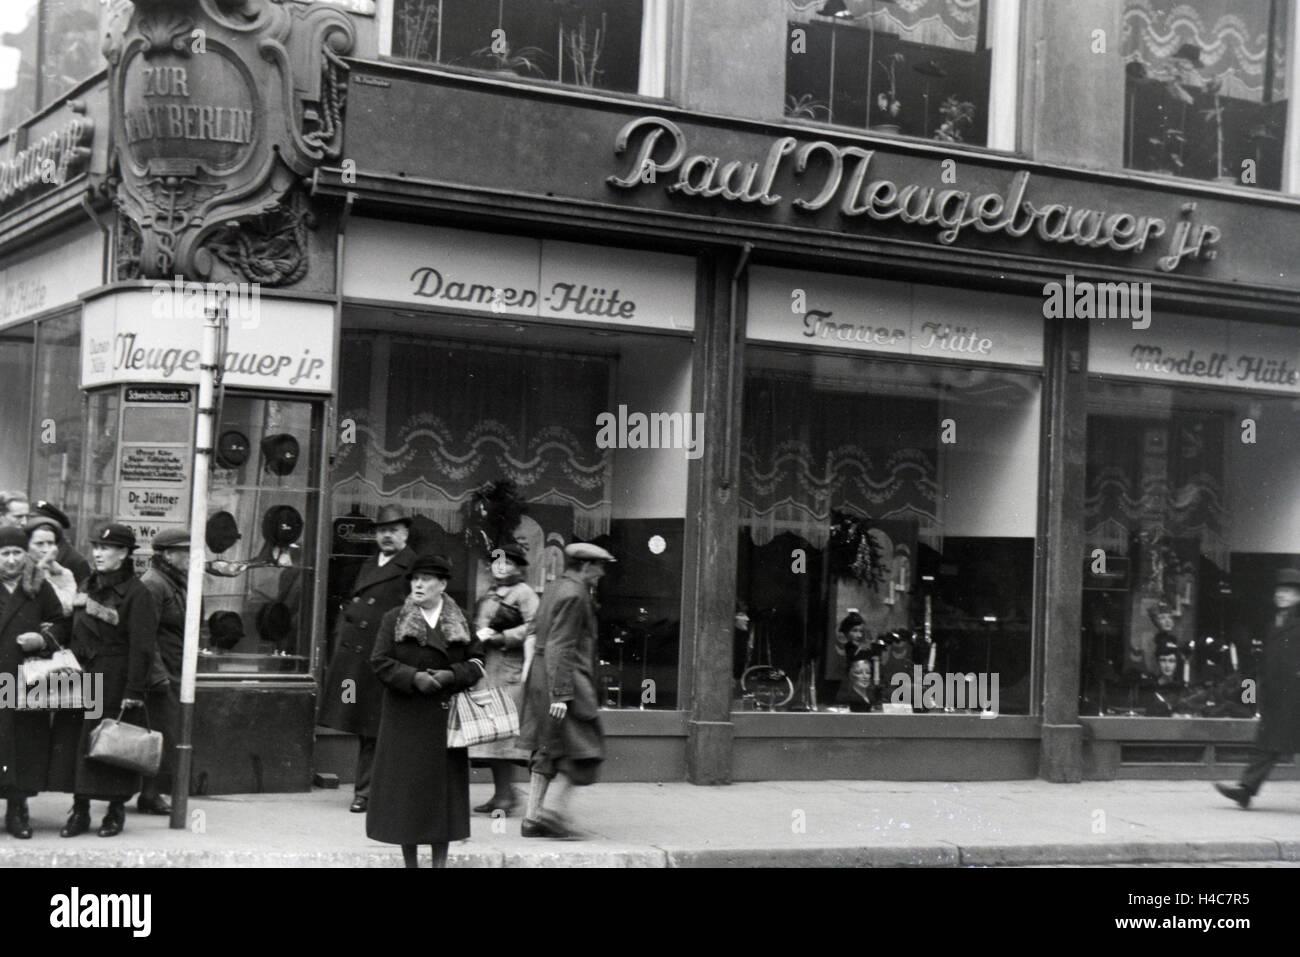 Außenansicht auf den Hutladen Paul Neugebauer jr. in Breslau, Niederschlesien, Deutsches Reich 1930er Jahre. - Stock Image